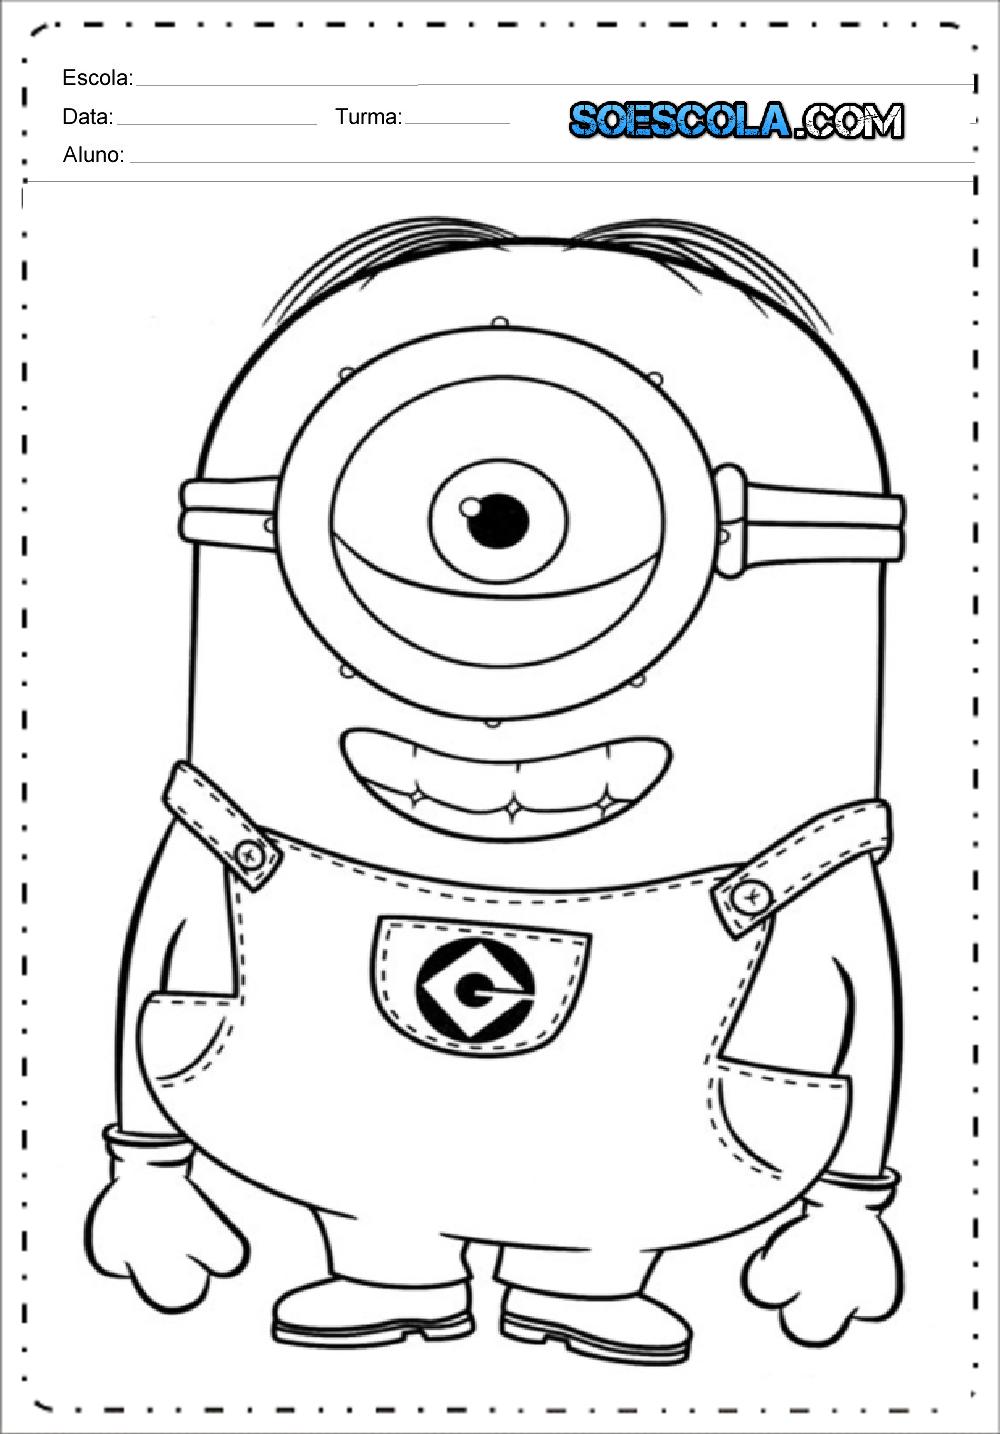 Desenhos Para Colorir E Imprimir Minions Só Escola